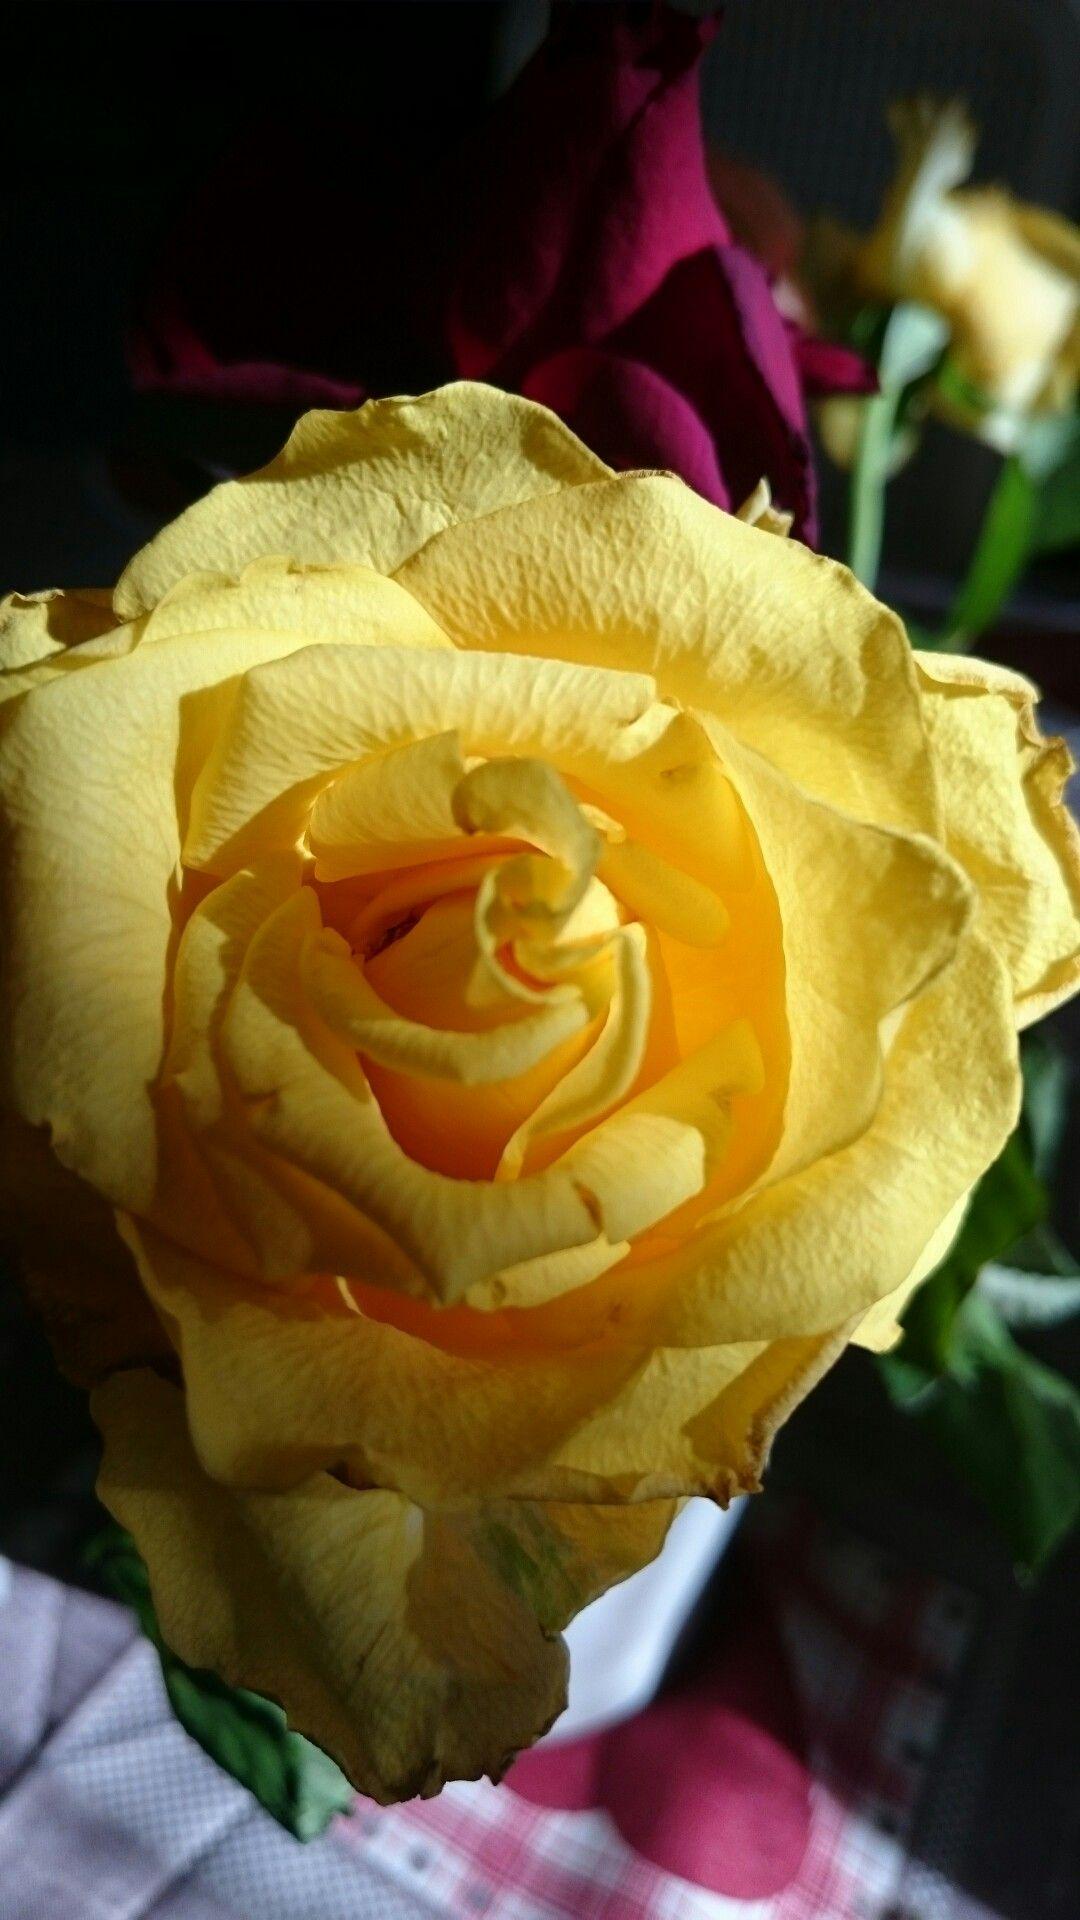 Épinglé par patricia Merme sur flowers